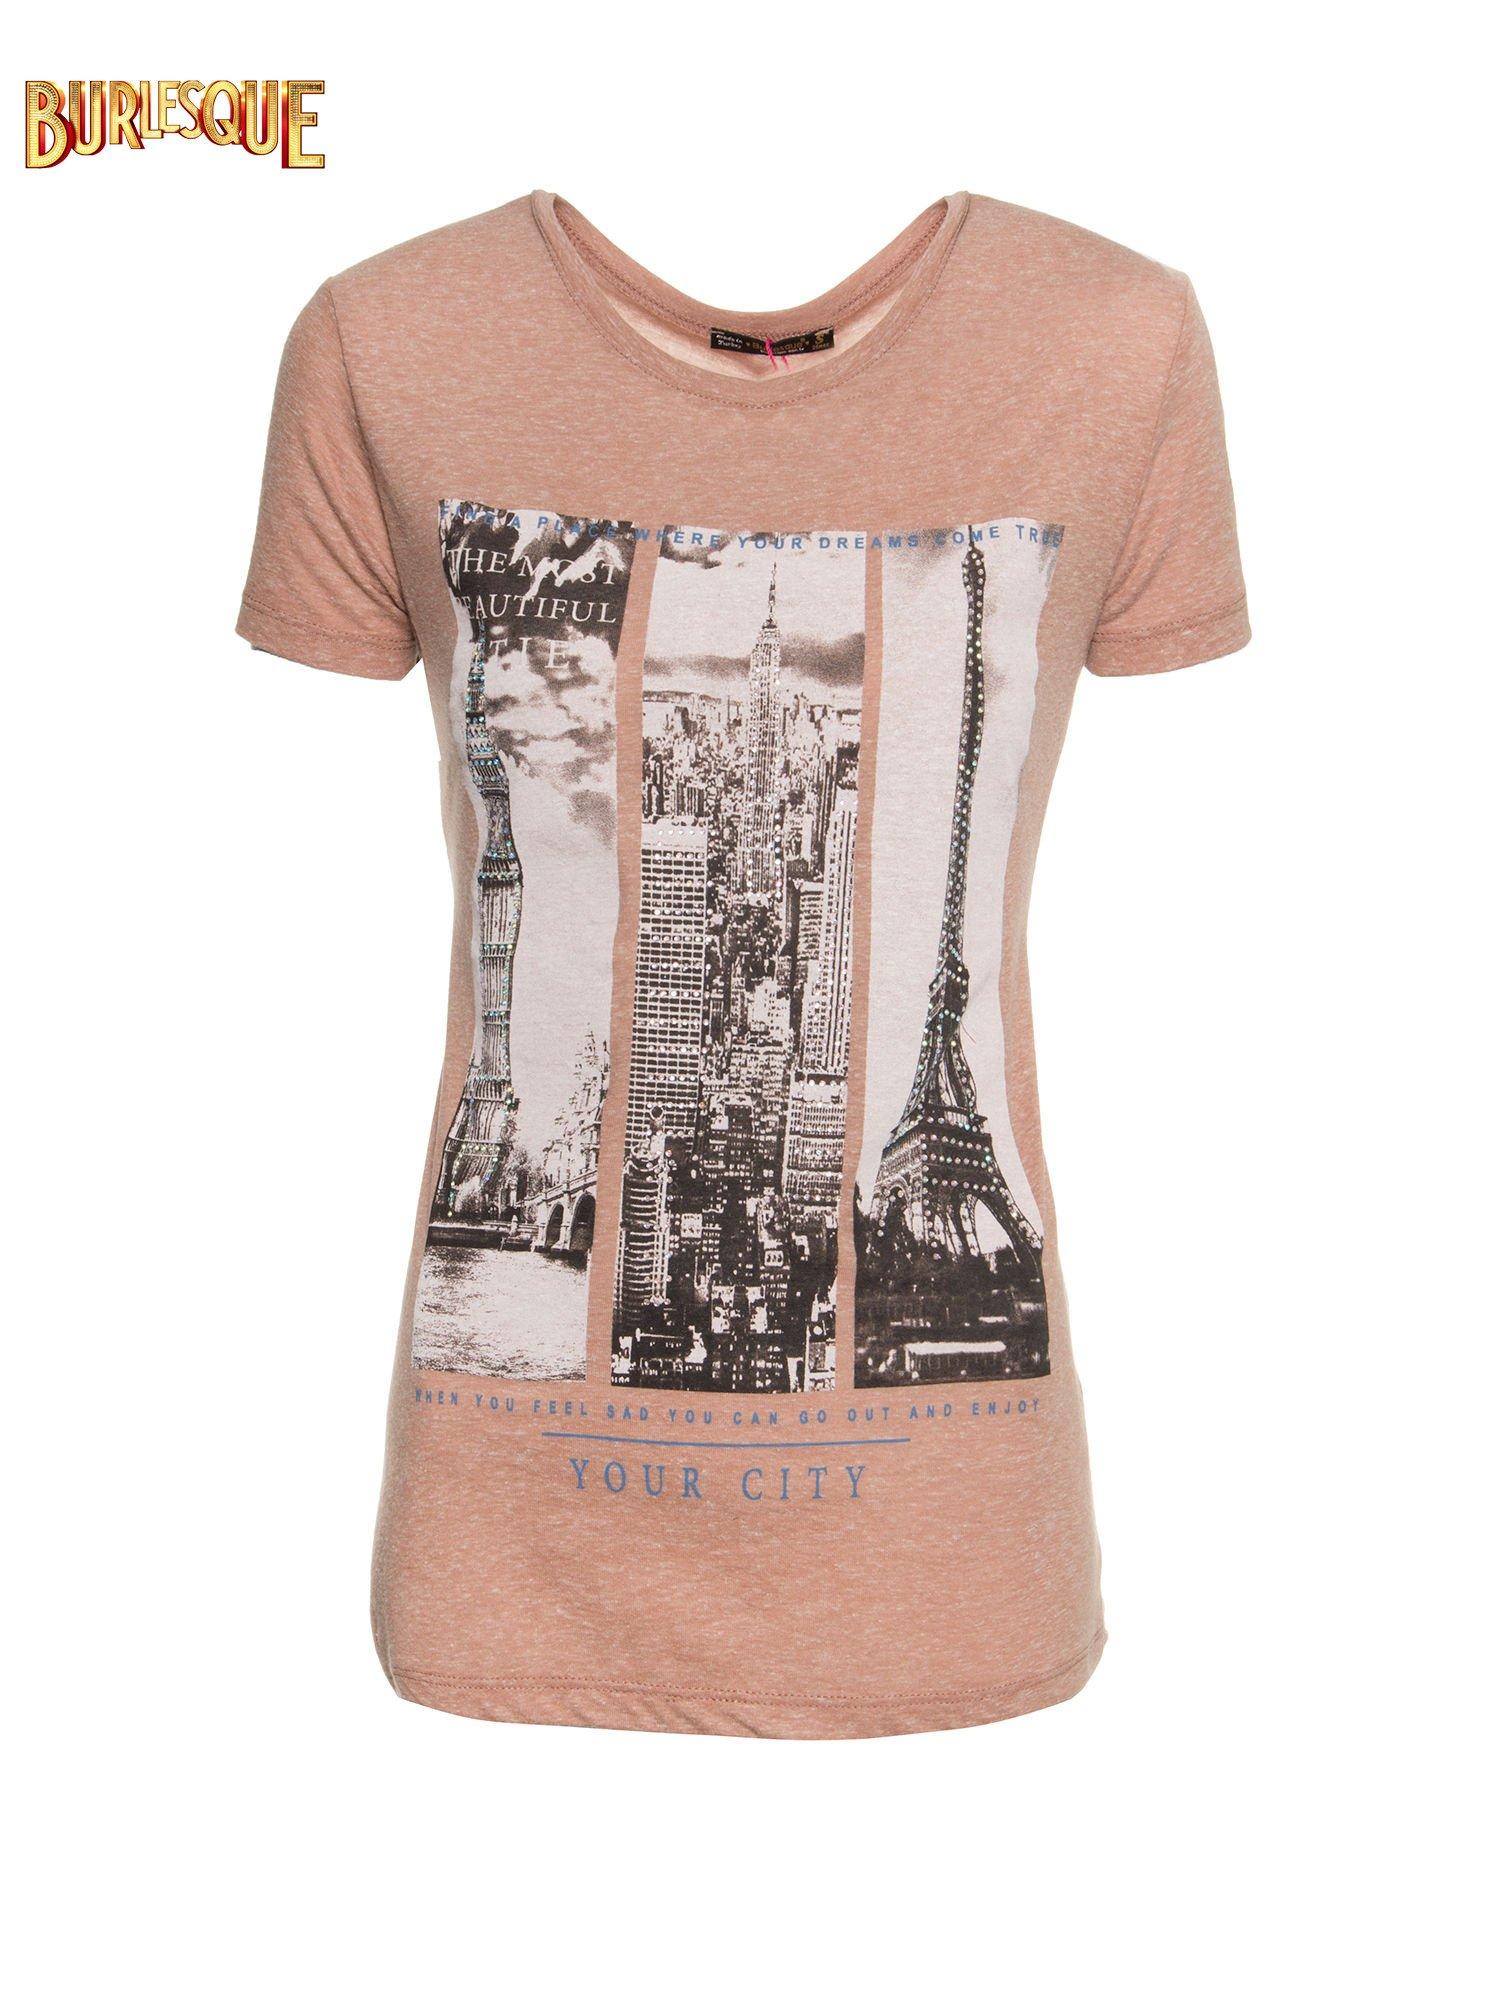 Jasnobordowy t-shirt z fotografiami miast                                  zdj.                                  1